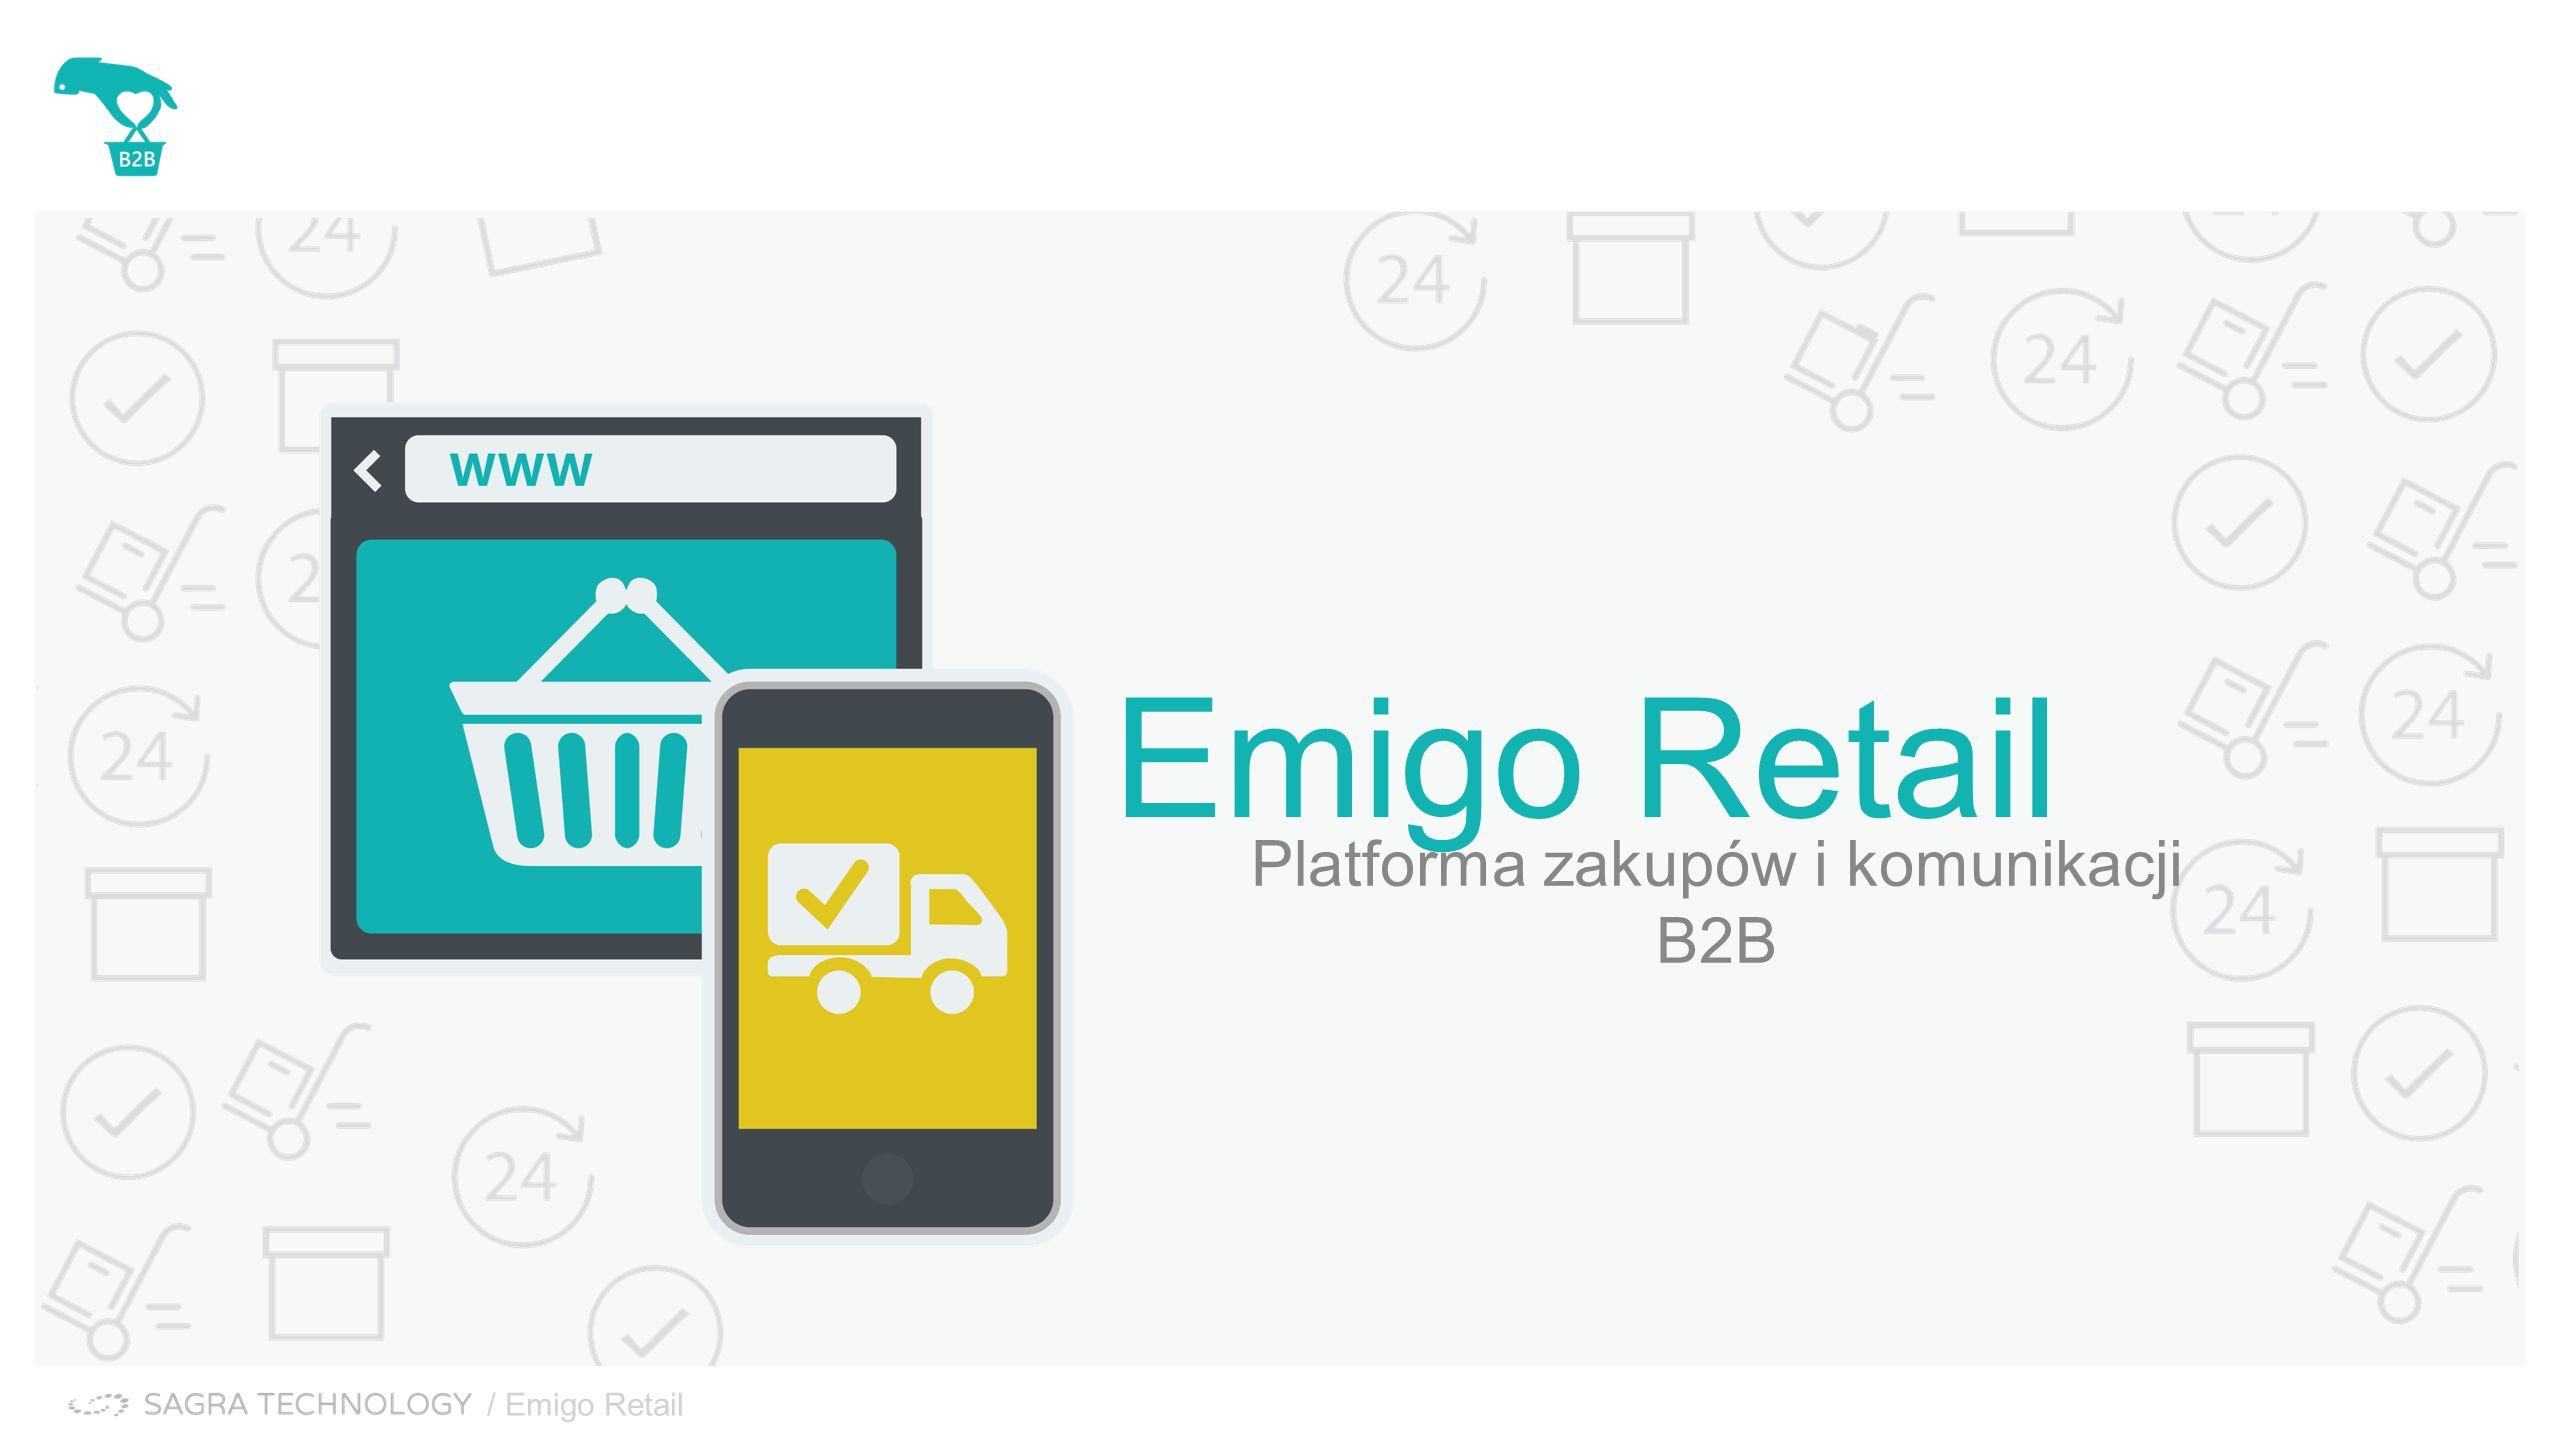 / Emigo Retail Emigo Retail Platforma zakupów i komunikacji B2B